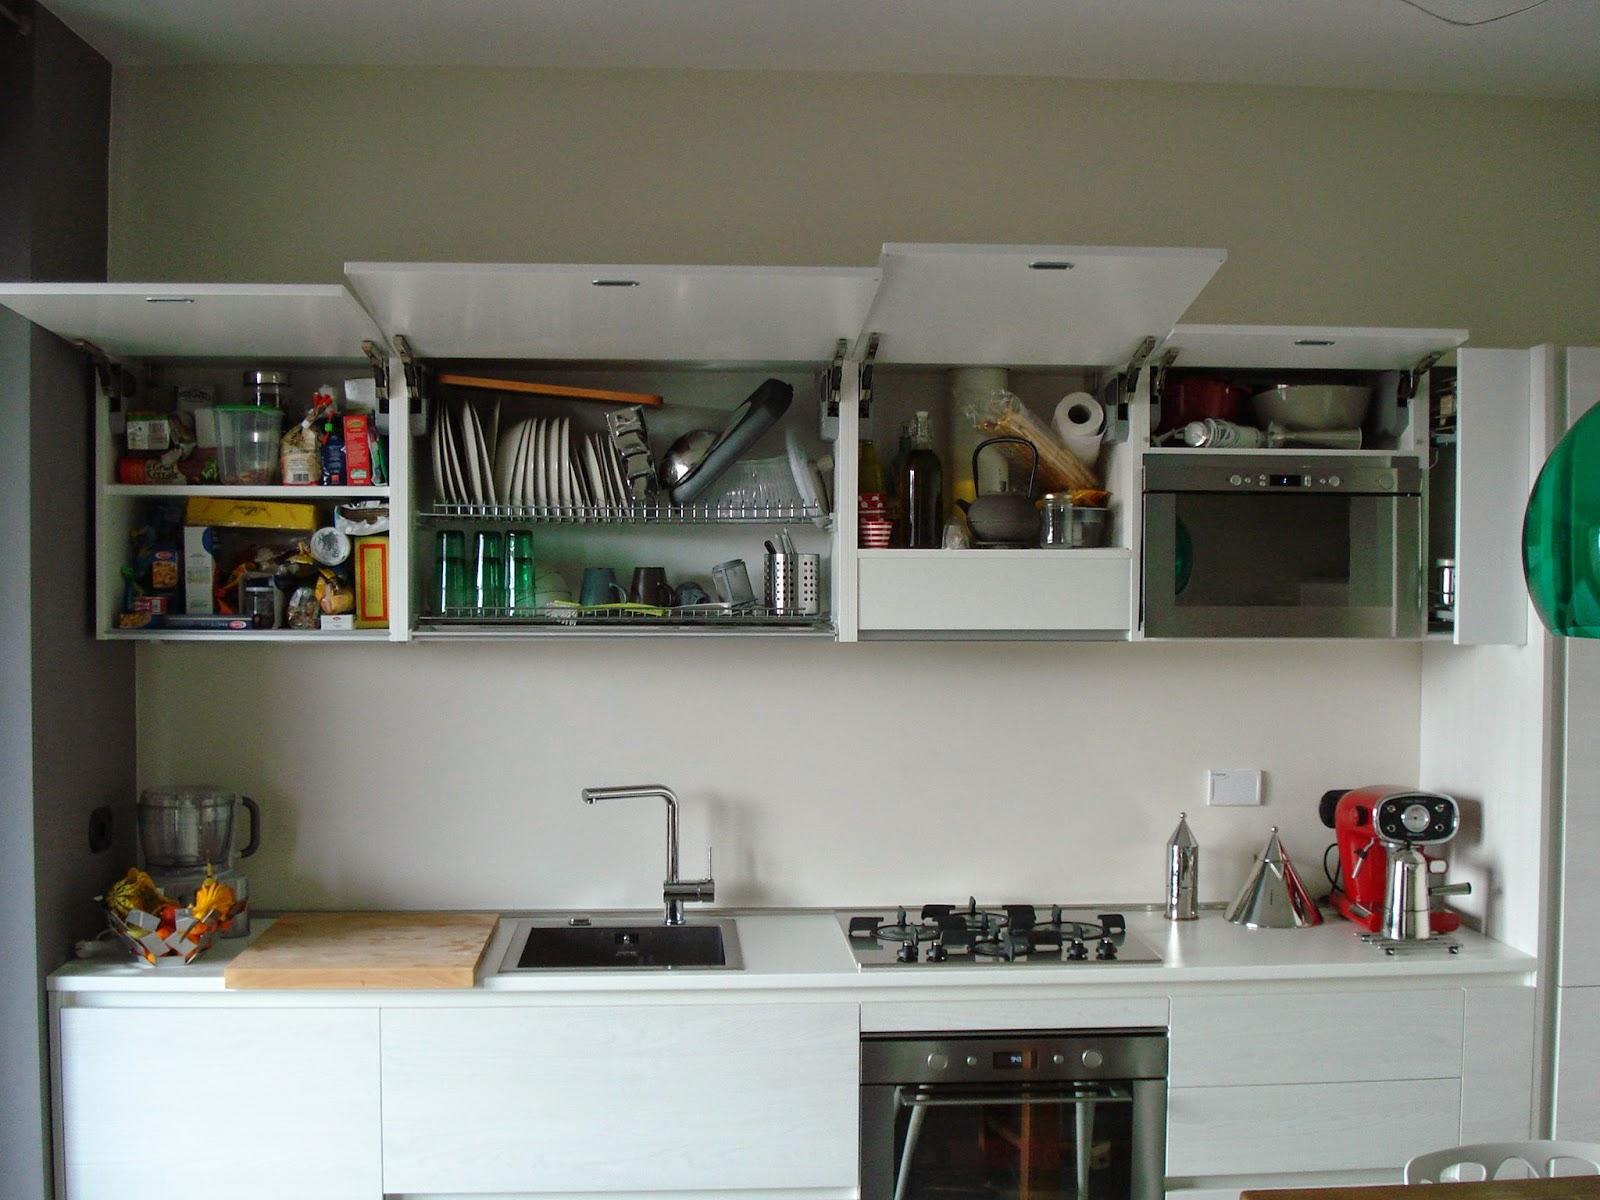 Forum Arredamento.it •Progetto cucina lineare 3,45 mt.